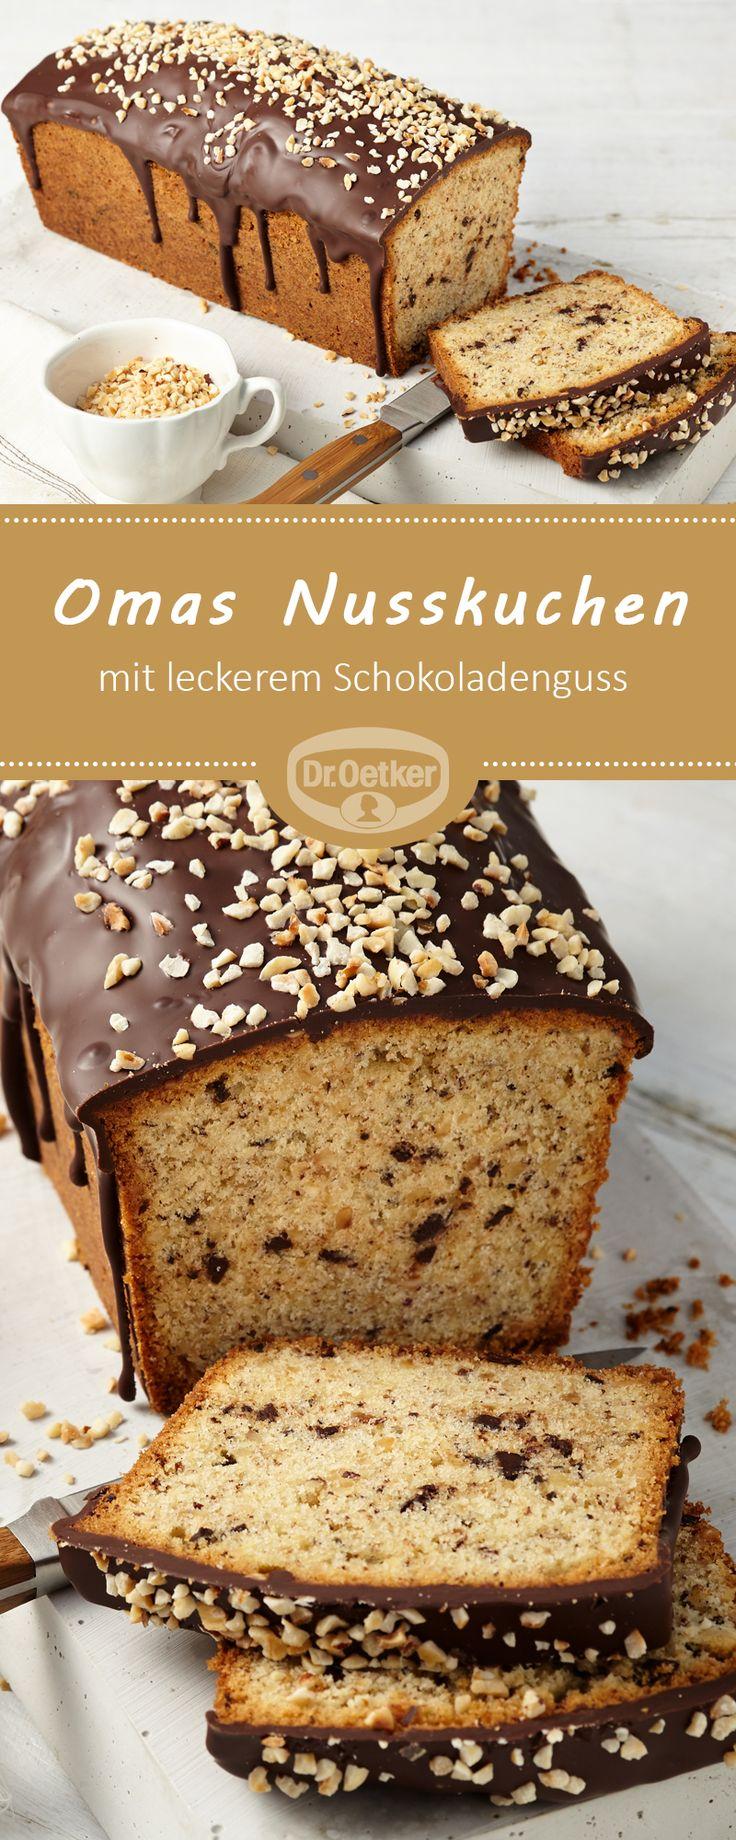 Omas Nusskuchen: Ein schokoladiger Haselnusskuchen mit Guss